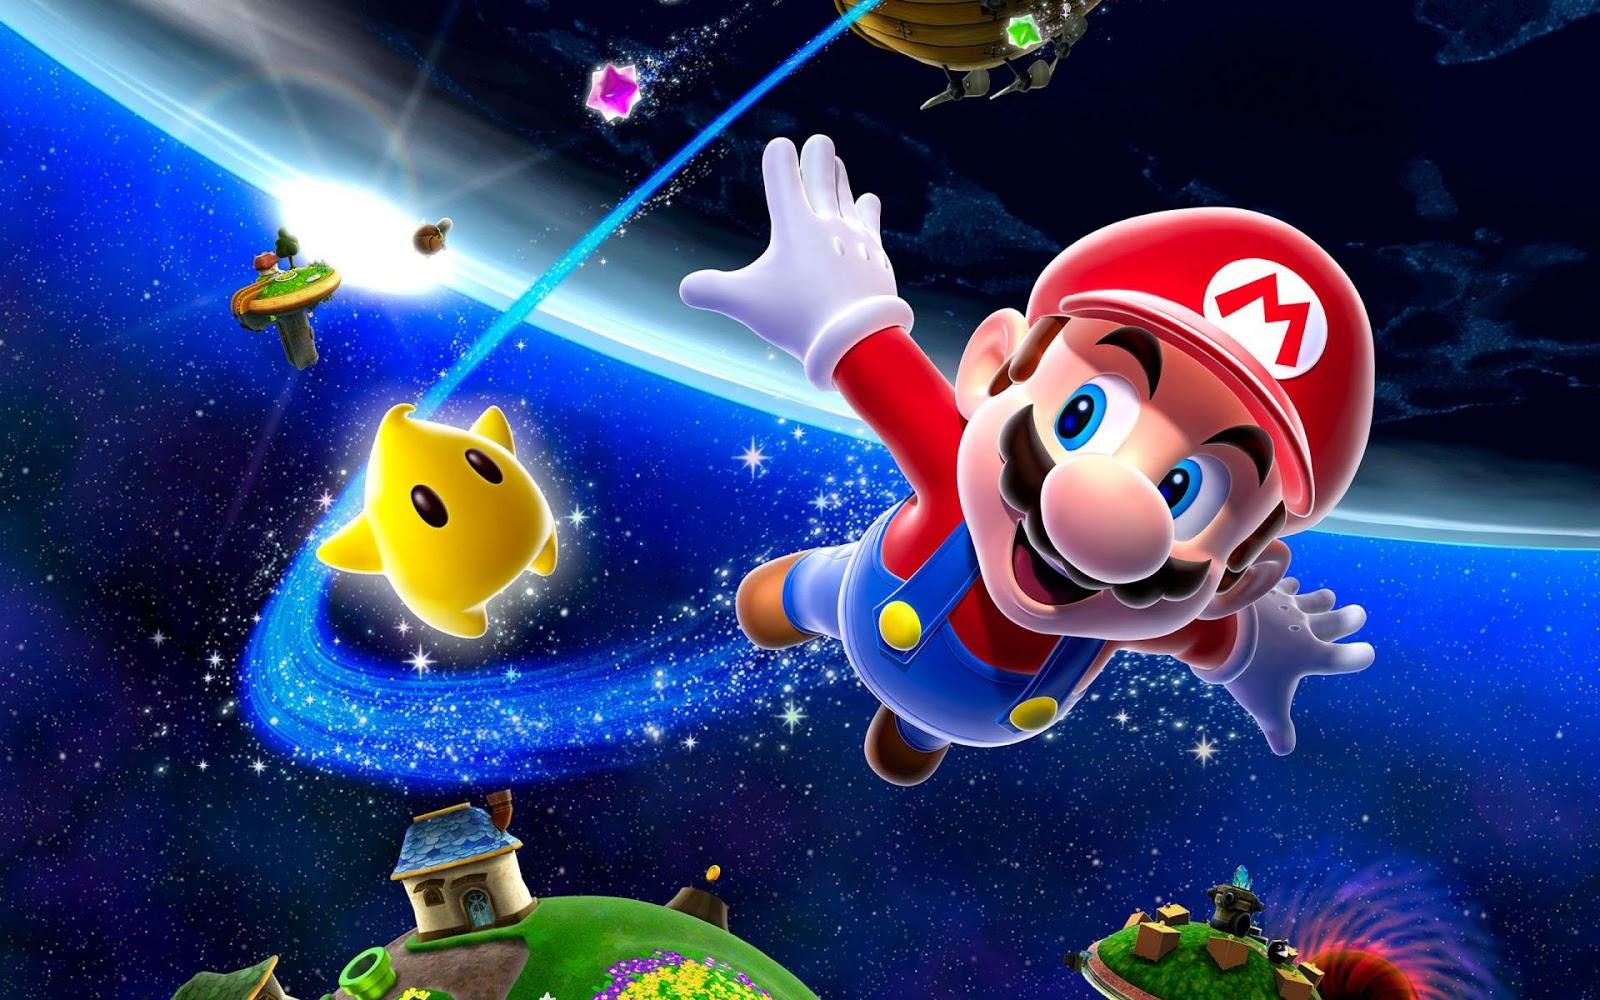 Super Mario FГјr Pc Kostenlos Downloaden Deutsch